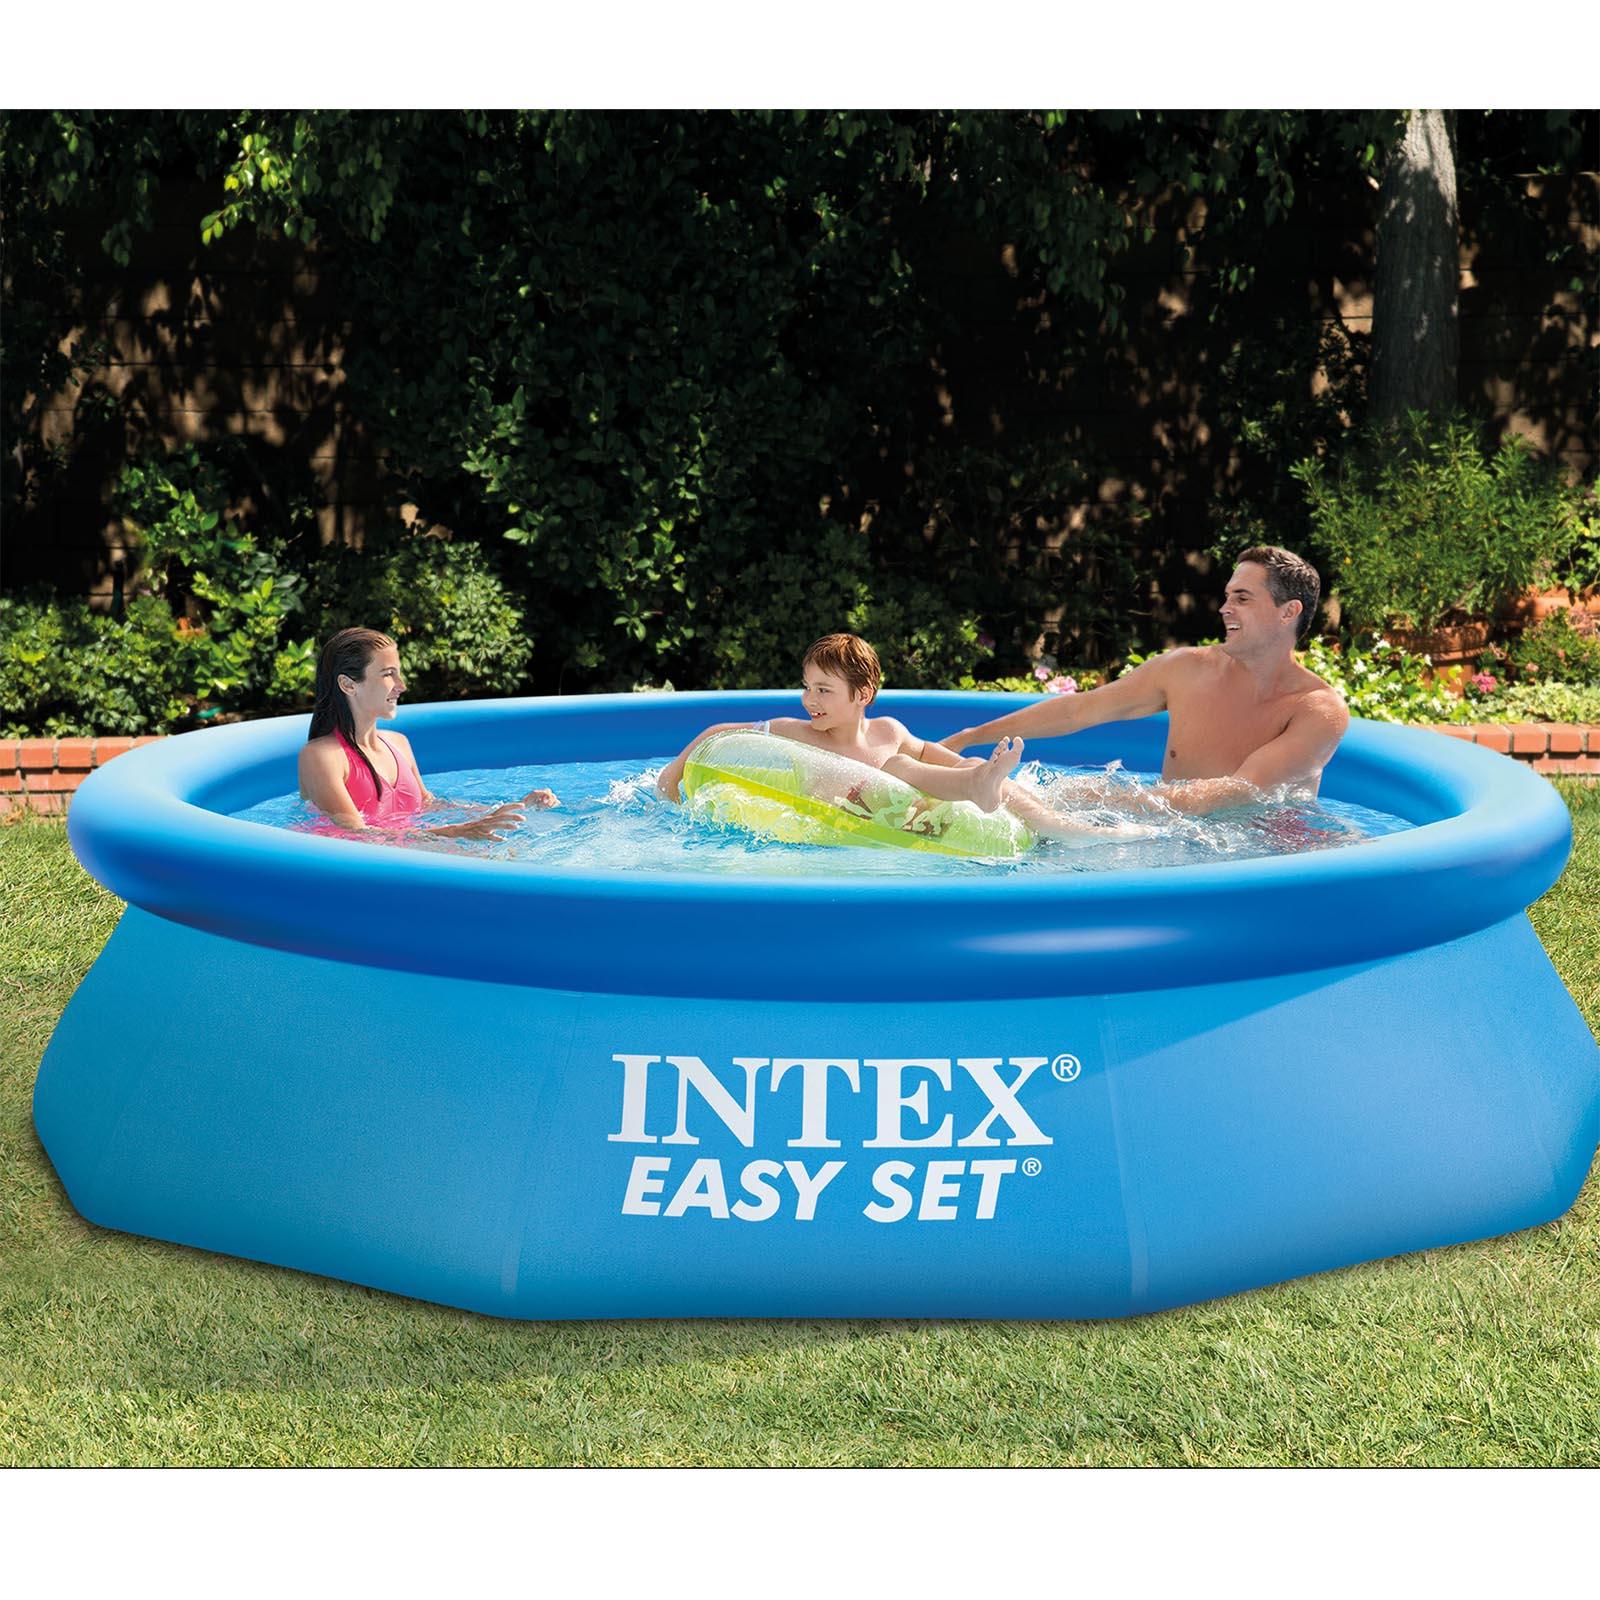 Intex 10' x 30 Easy Set Inflat...